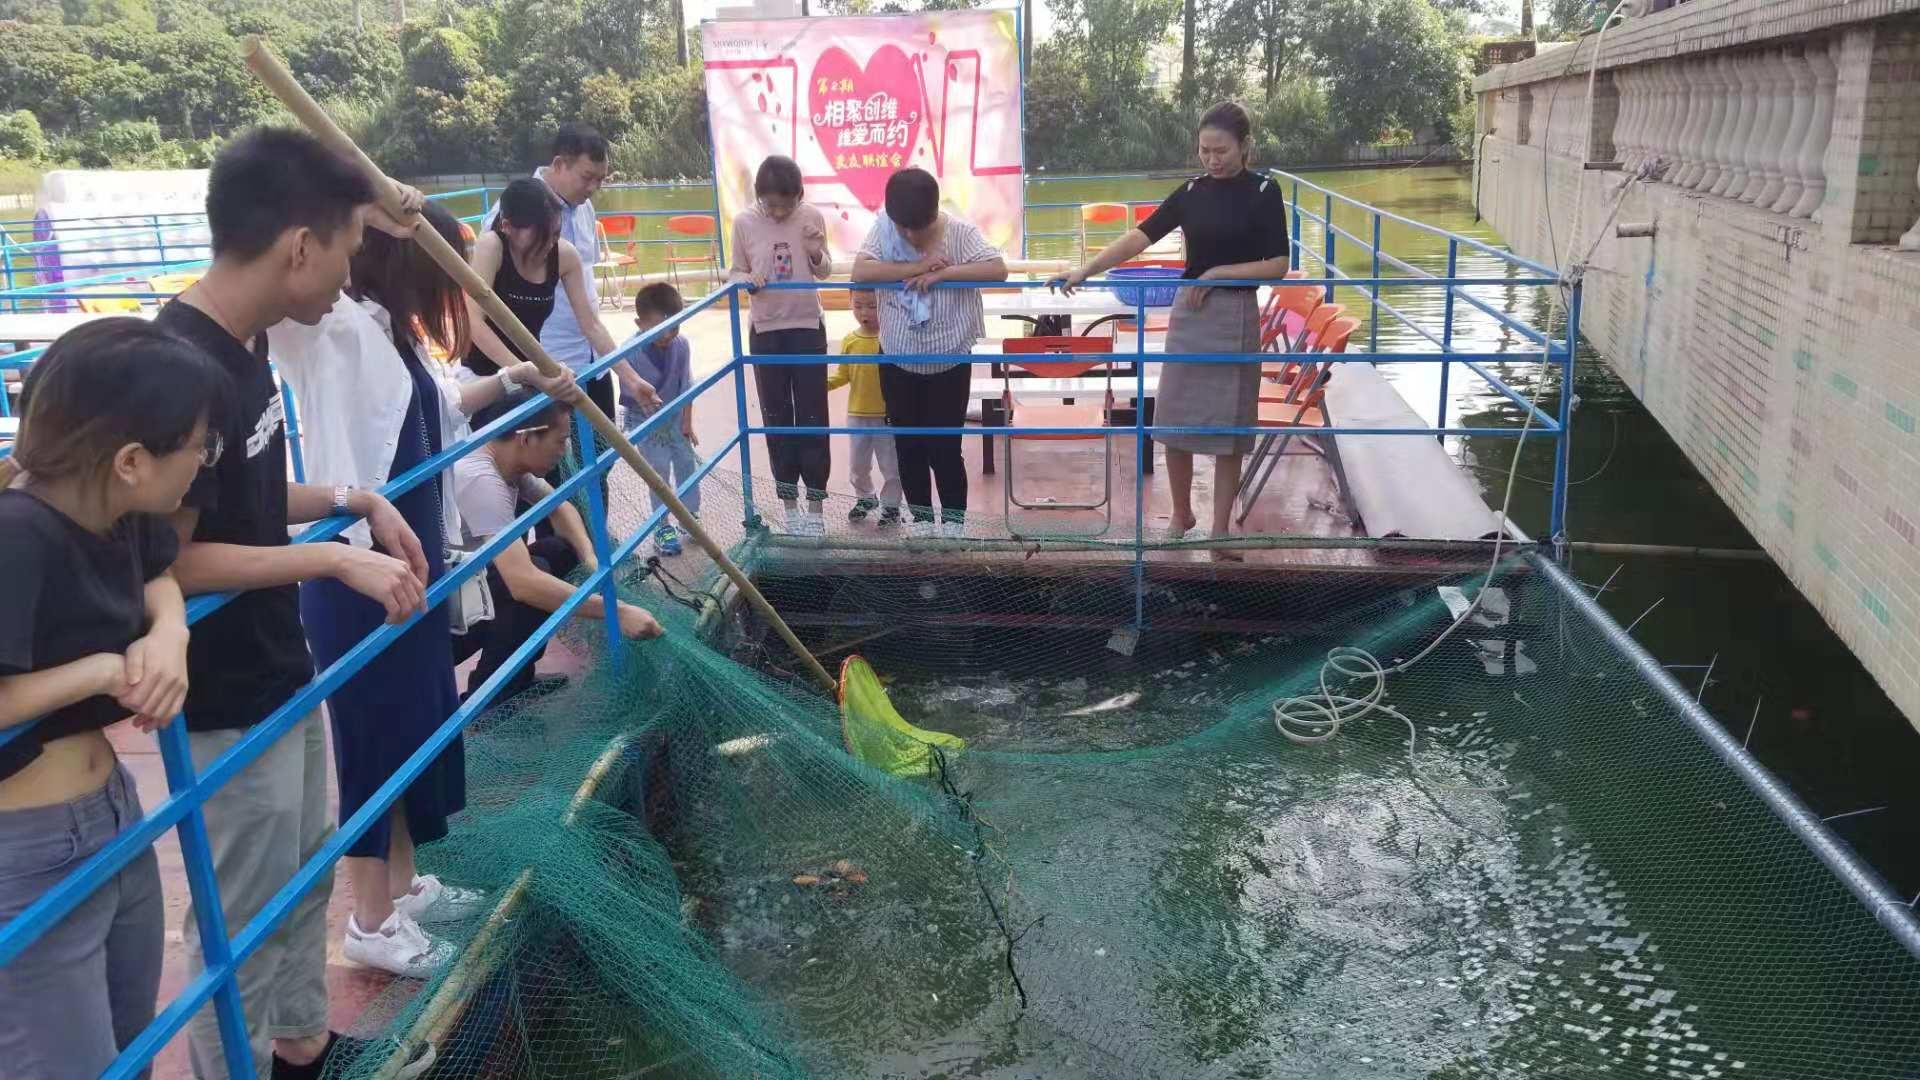 游客体验乐湖生态园捉鱼